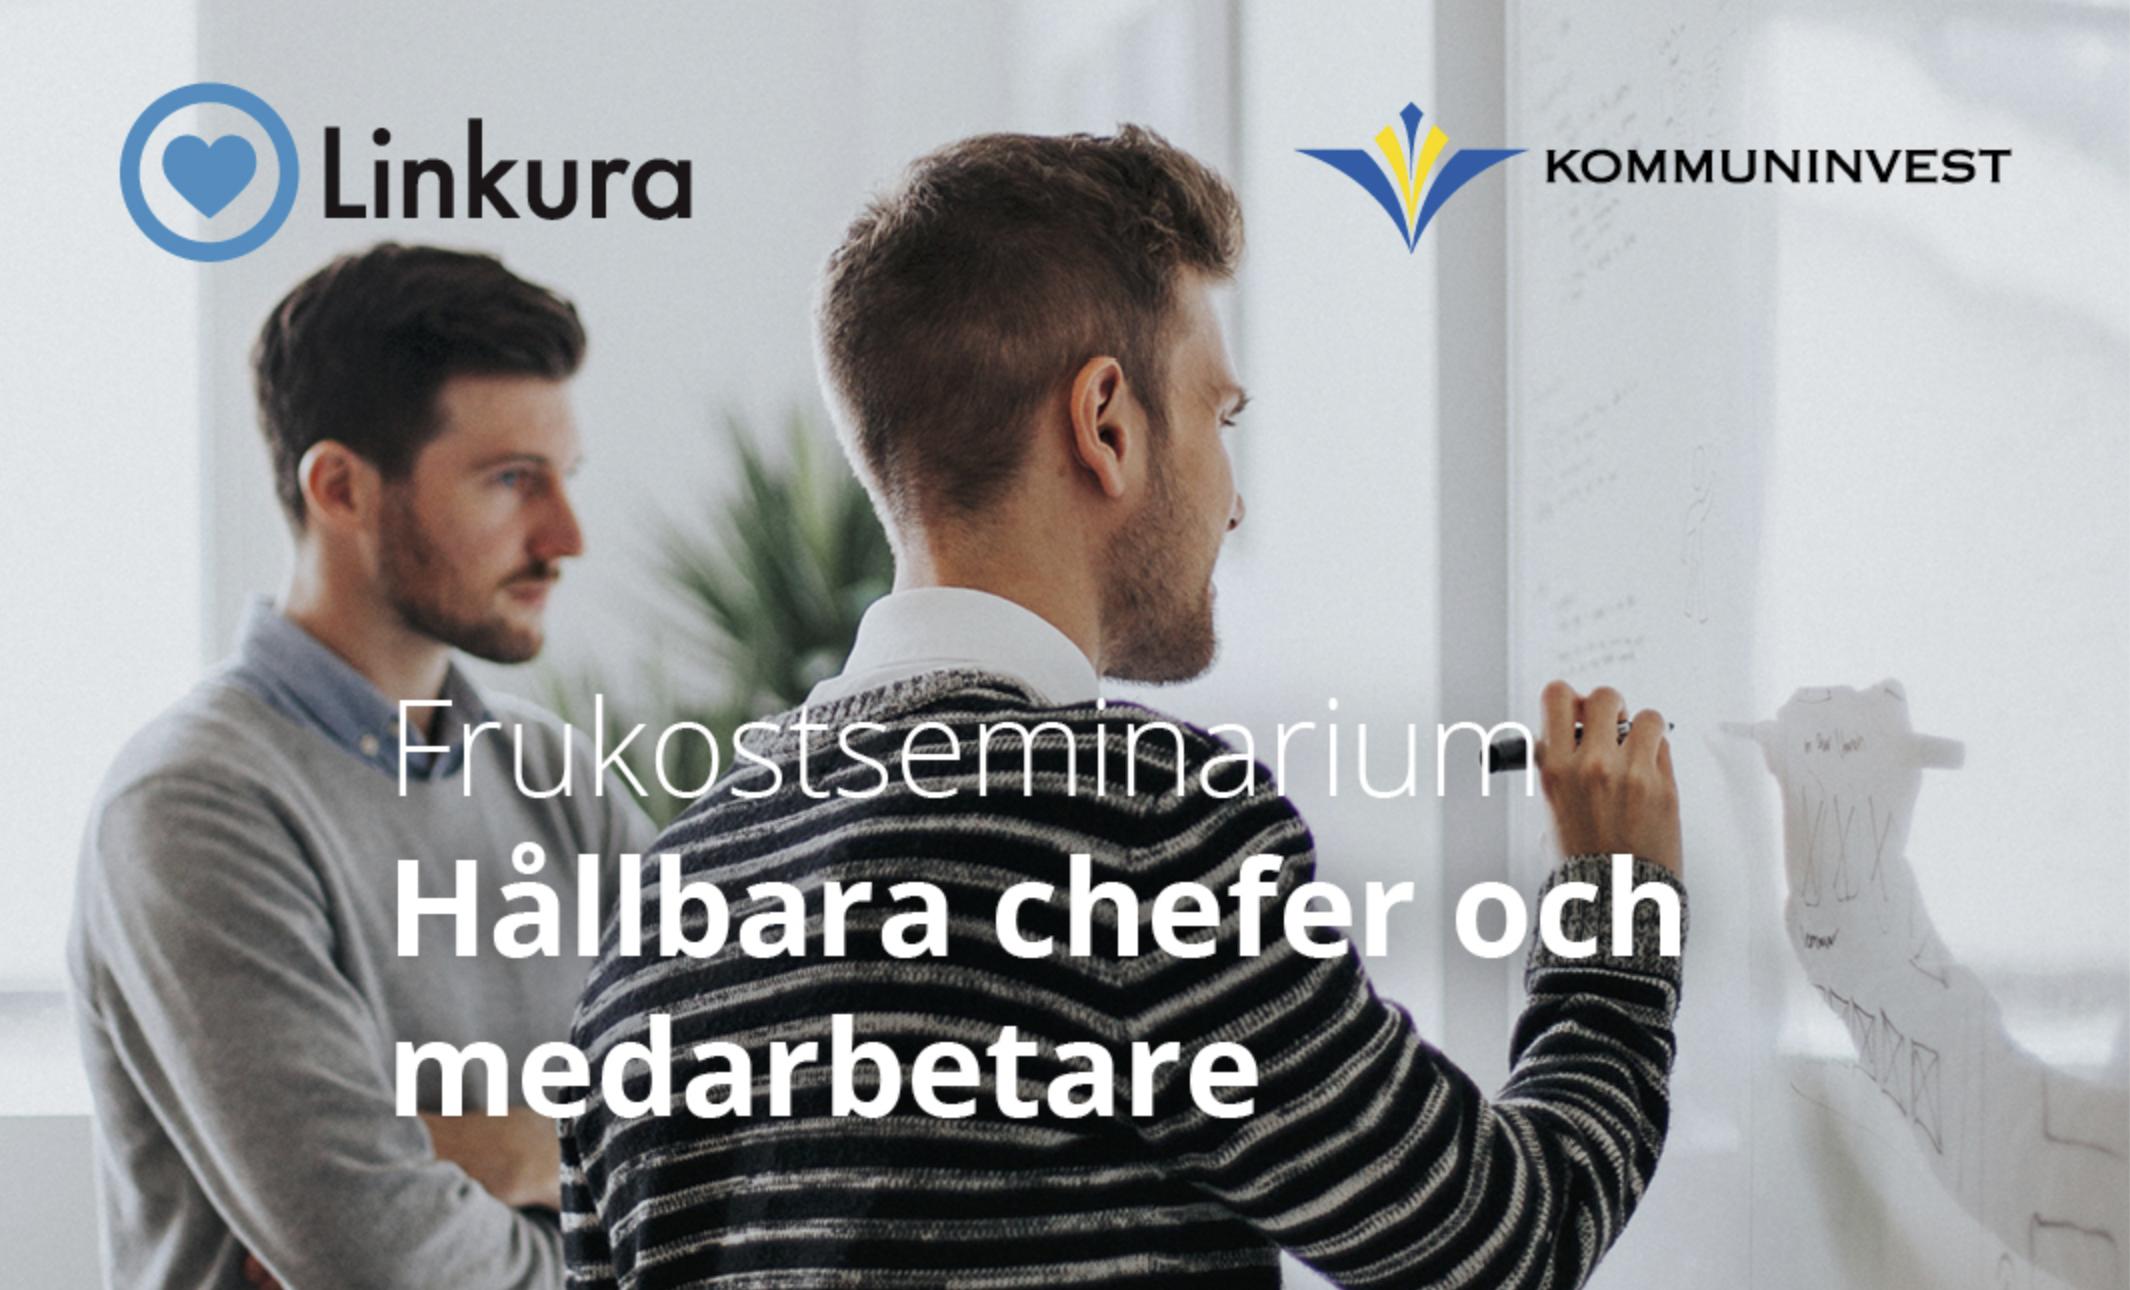 """Vårt uppskattade frukostseminarium """"Hållbara chefer och medarbetare"""" kommer till Stockholm!"""